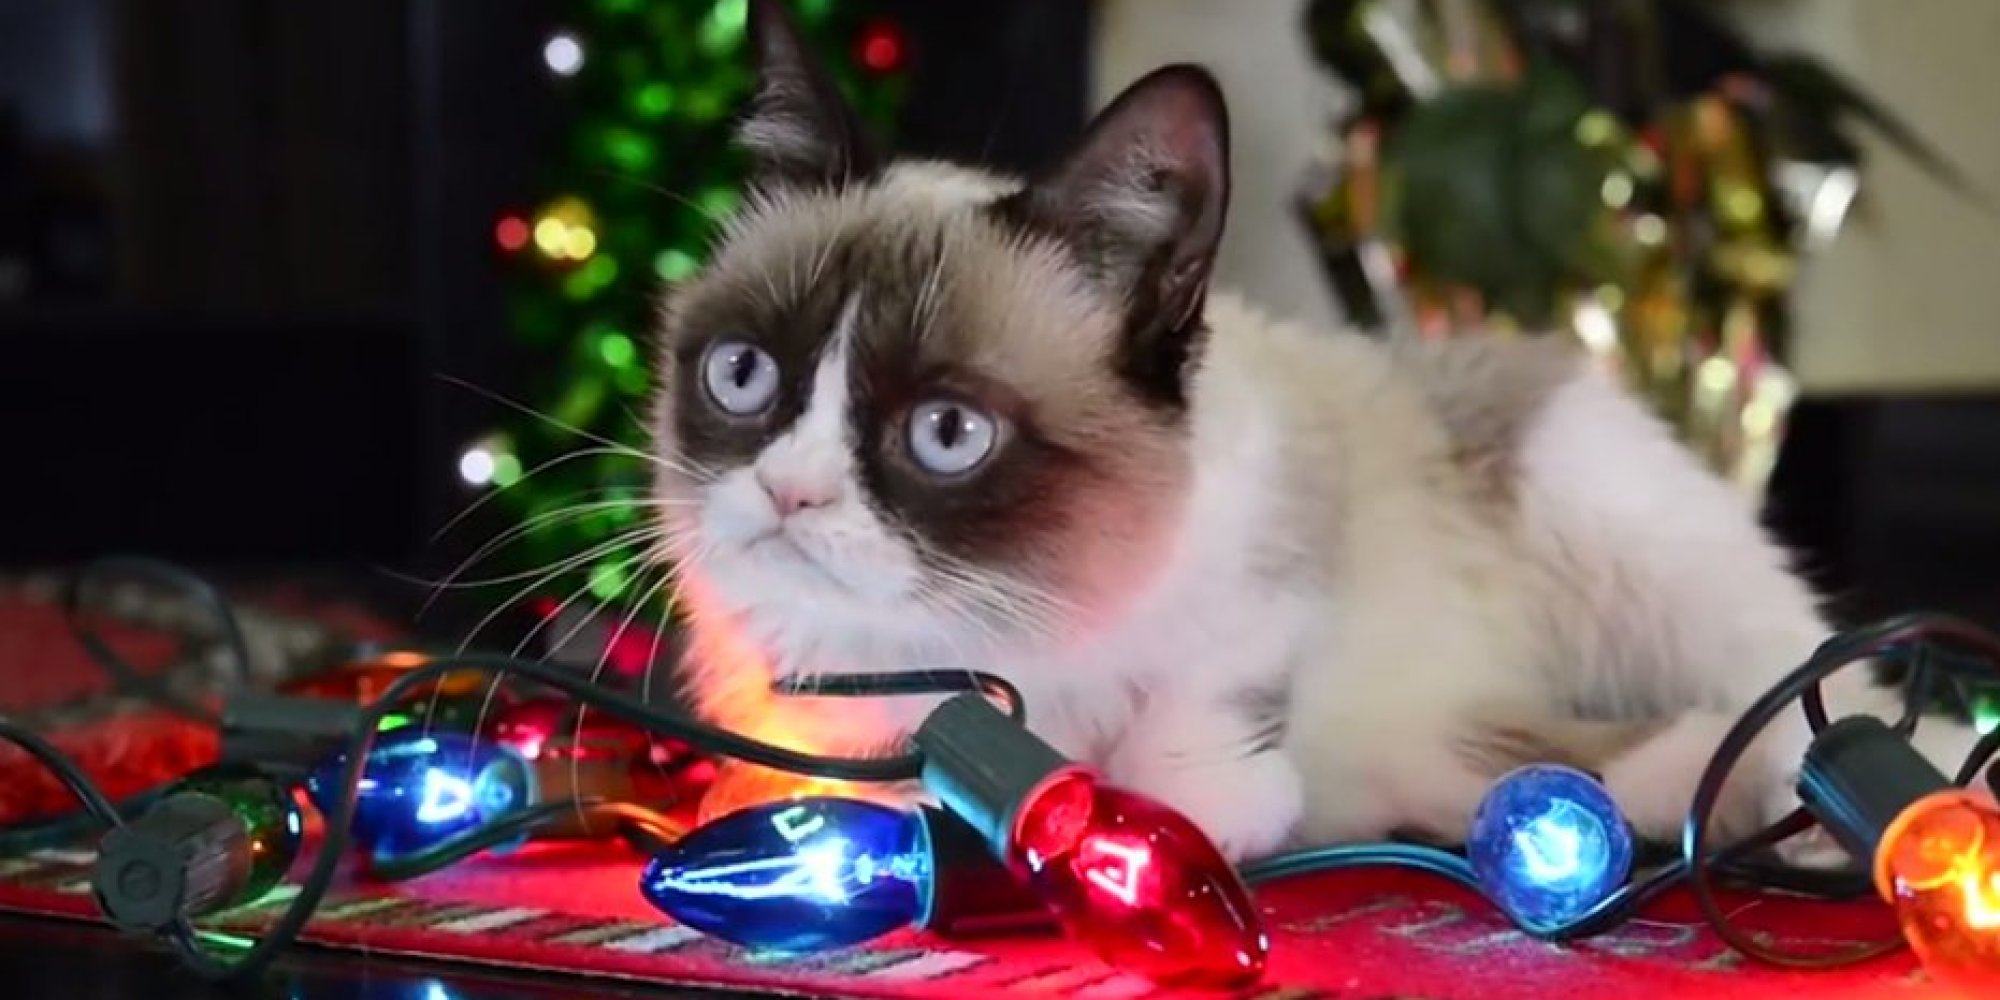 Grumpy Cat Christmas Wallpaper - WallpaperSafari